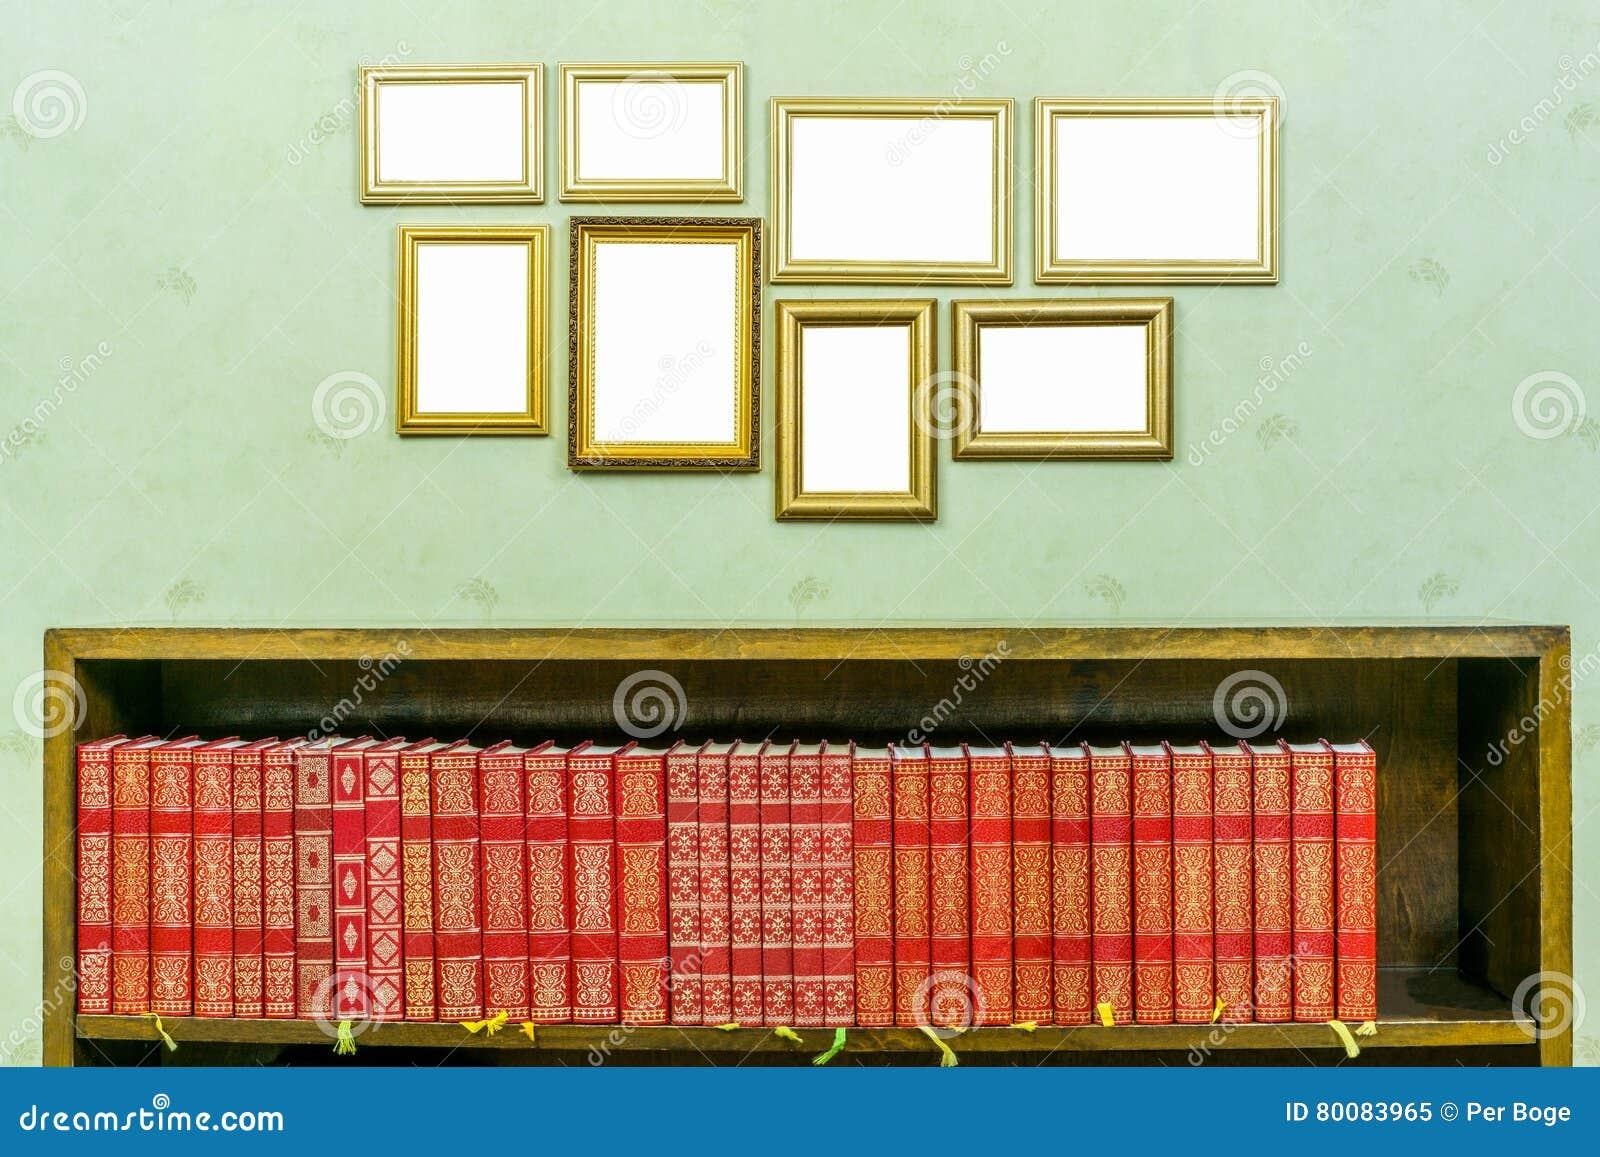 Vele Lege Gouden Houten Kaders Met Exemplaarruimte Op Groen